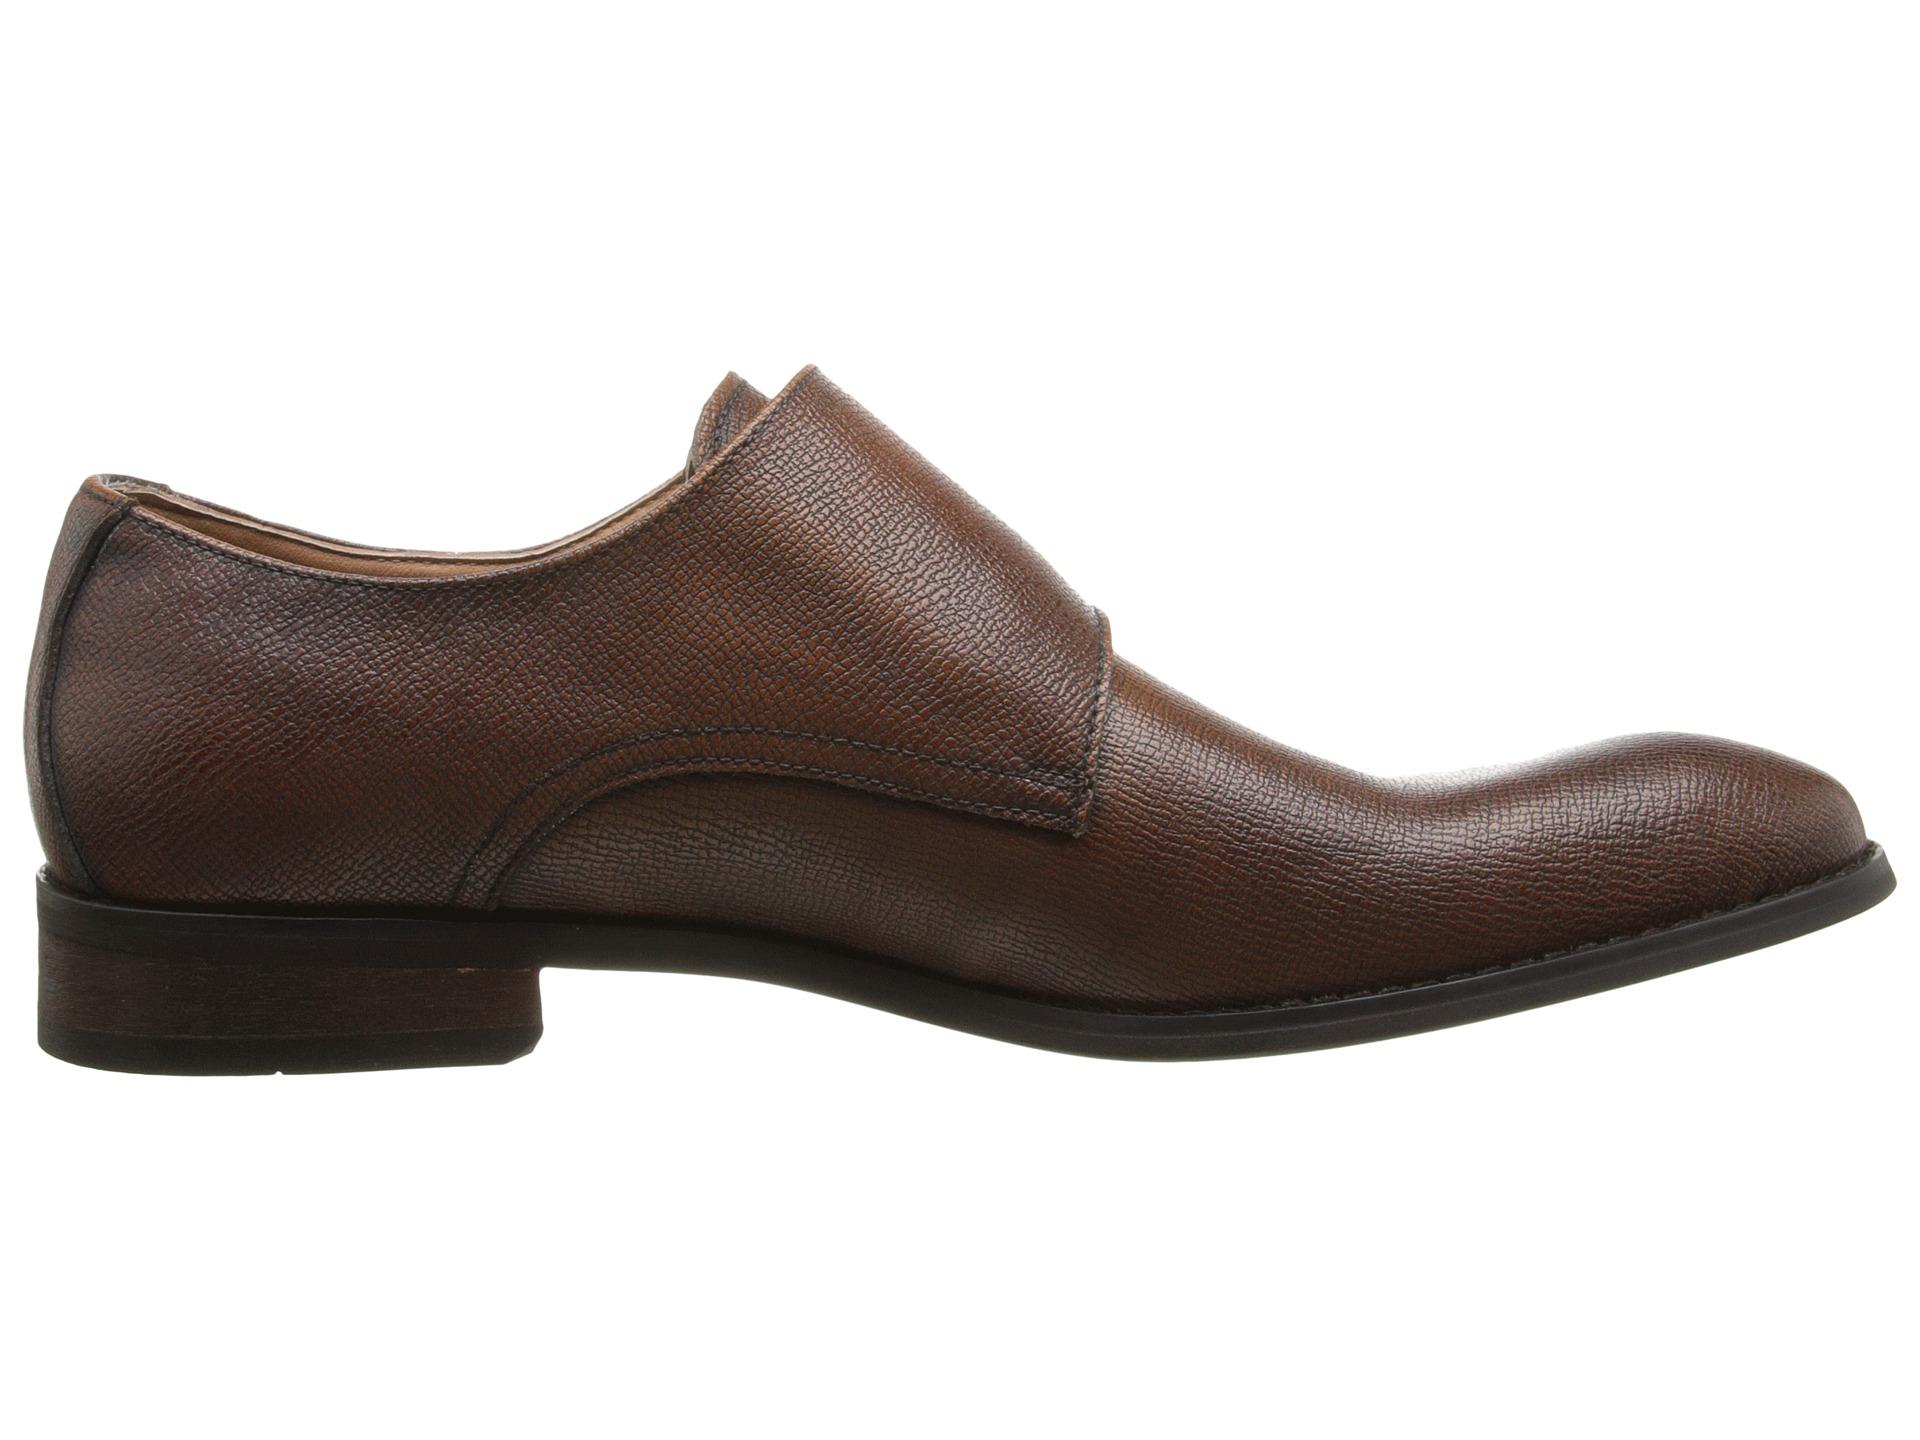 Robert Wayne Black Men's Lamp Shoe - Polyvore